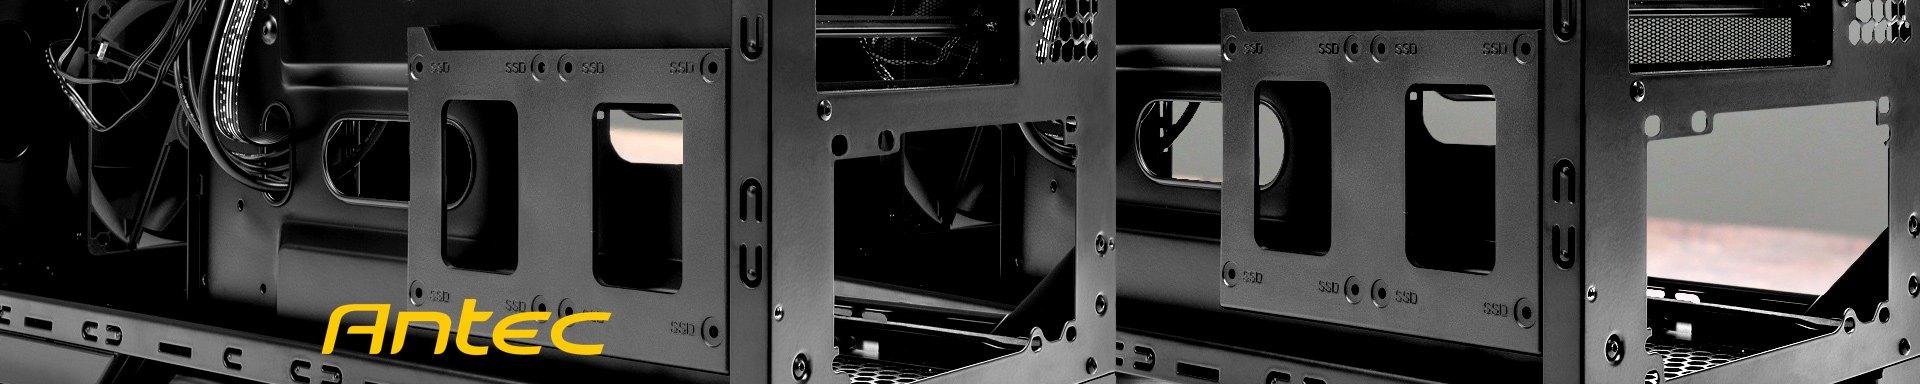 Antec Case Parts Repair